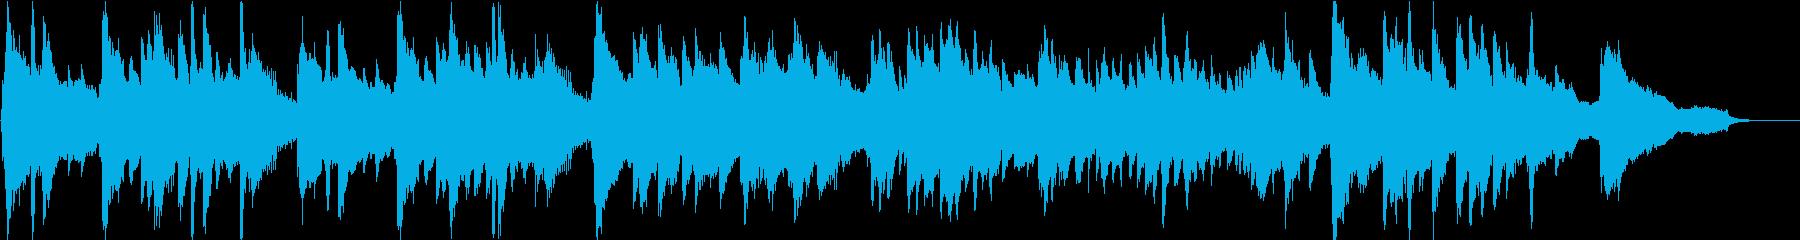 約1分。幻想的な雰囲気のピアノ楽曲の再生済みの波形